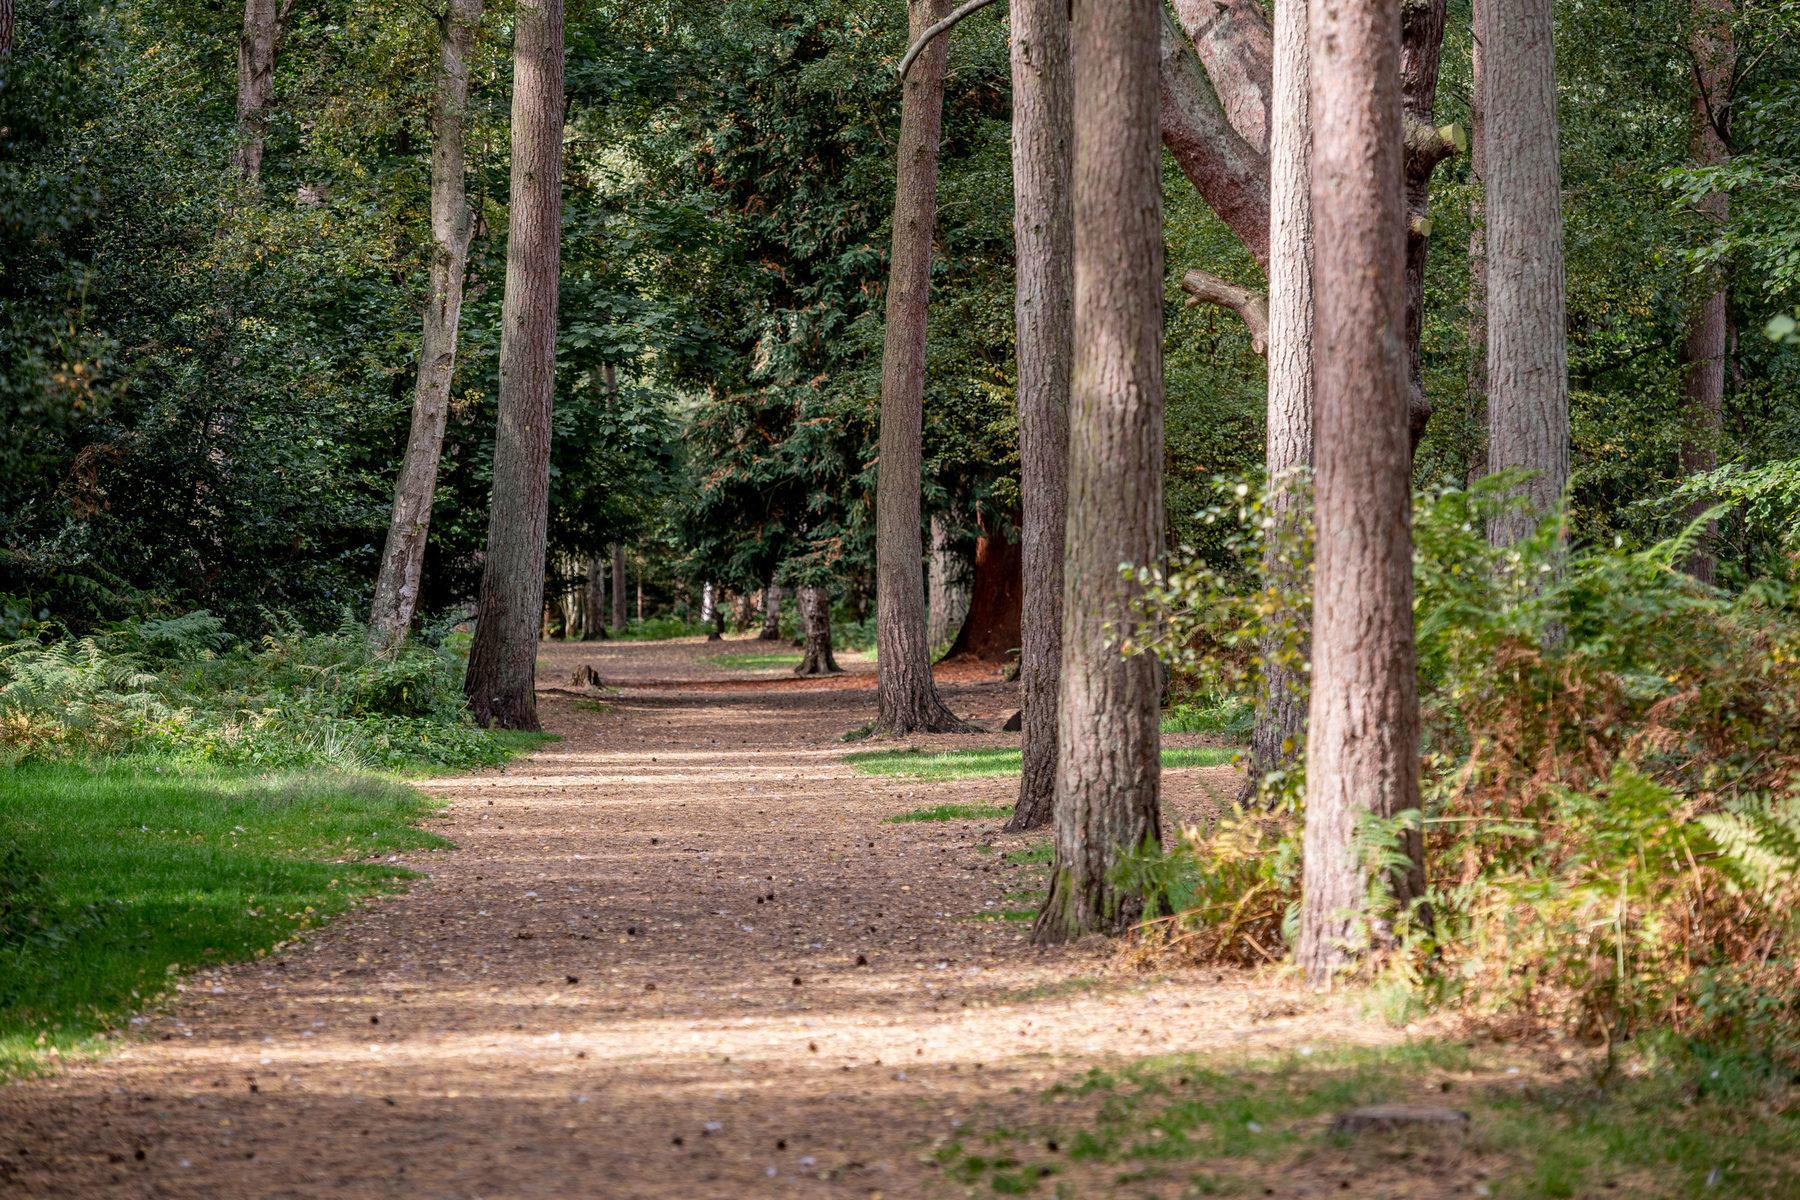 008 Sandringham Trails 2018